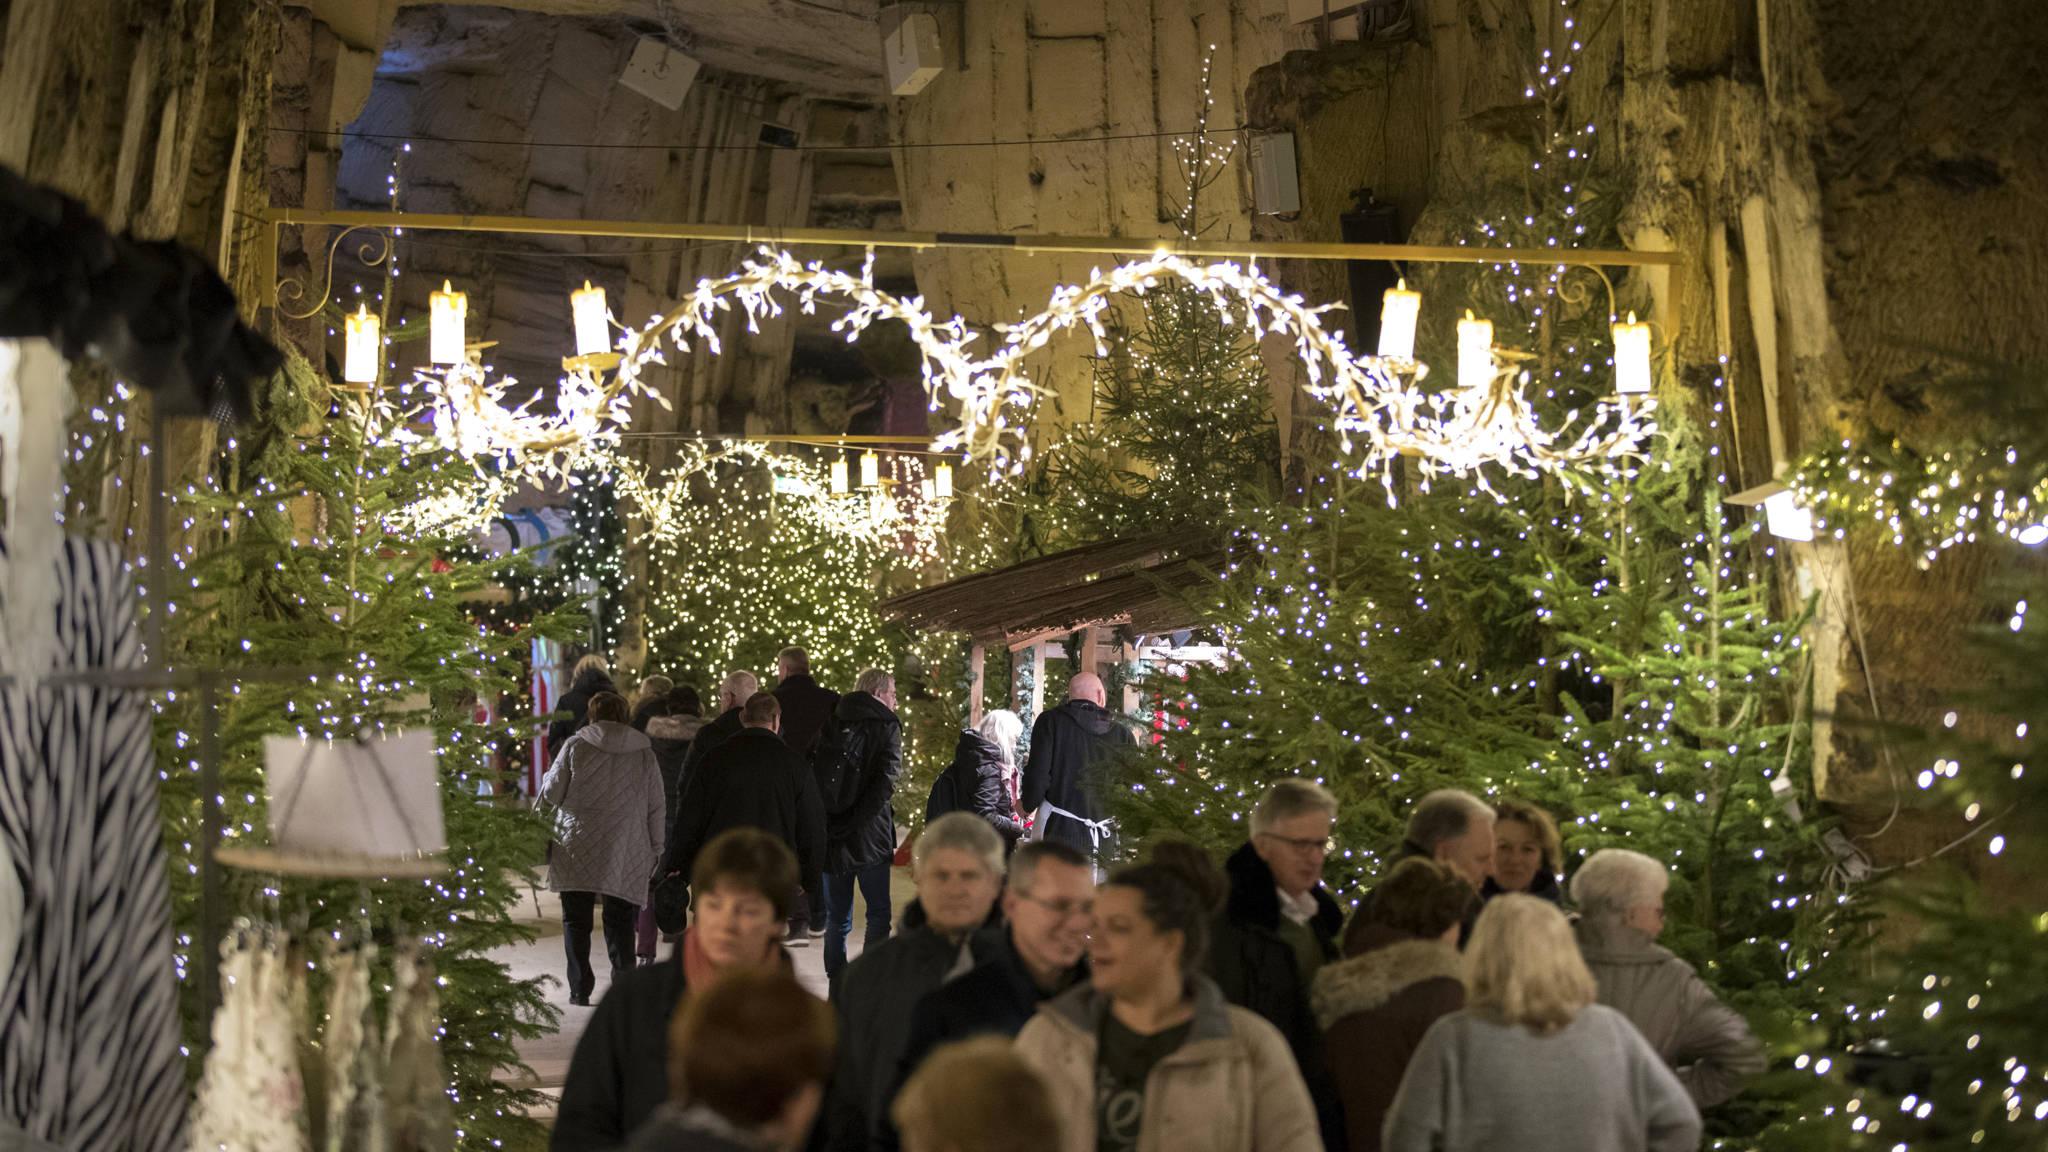 Valkenburg Maakt Druk Bezochte Kerstmarkt In Grotten Veiliger Nos